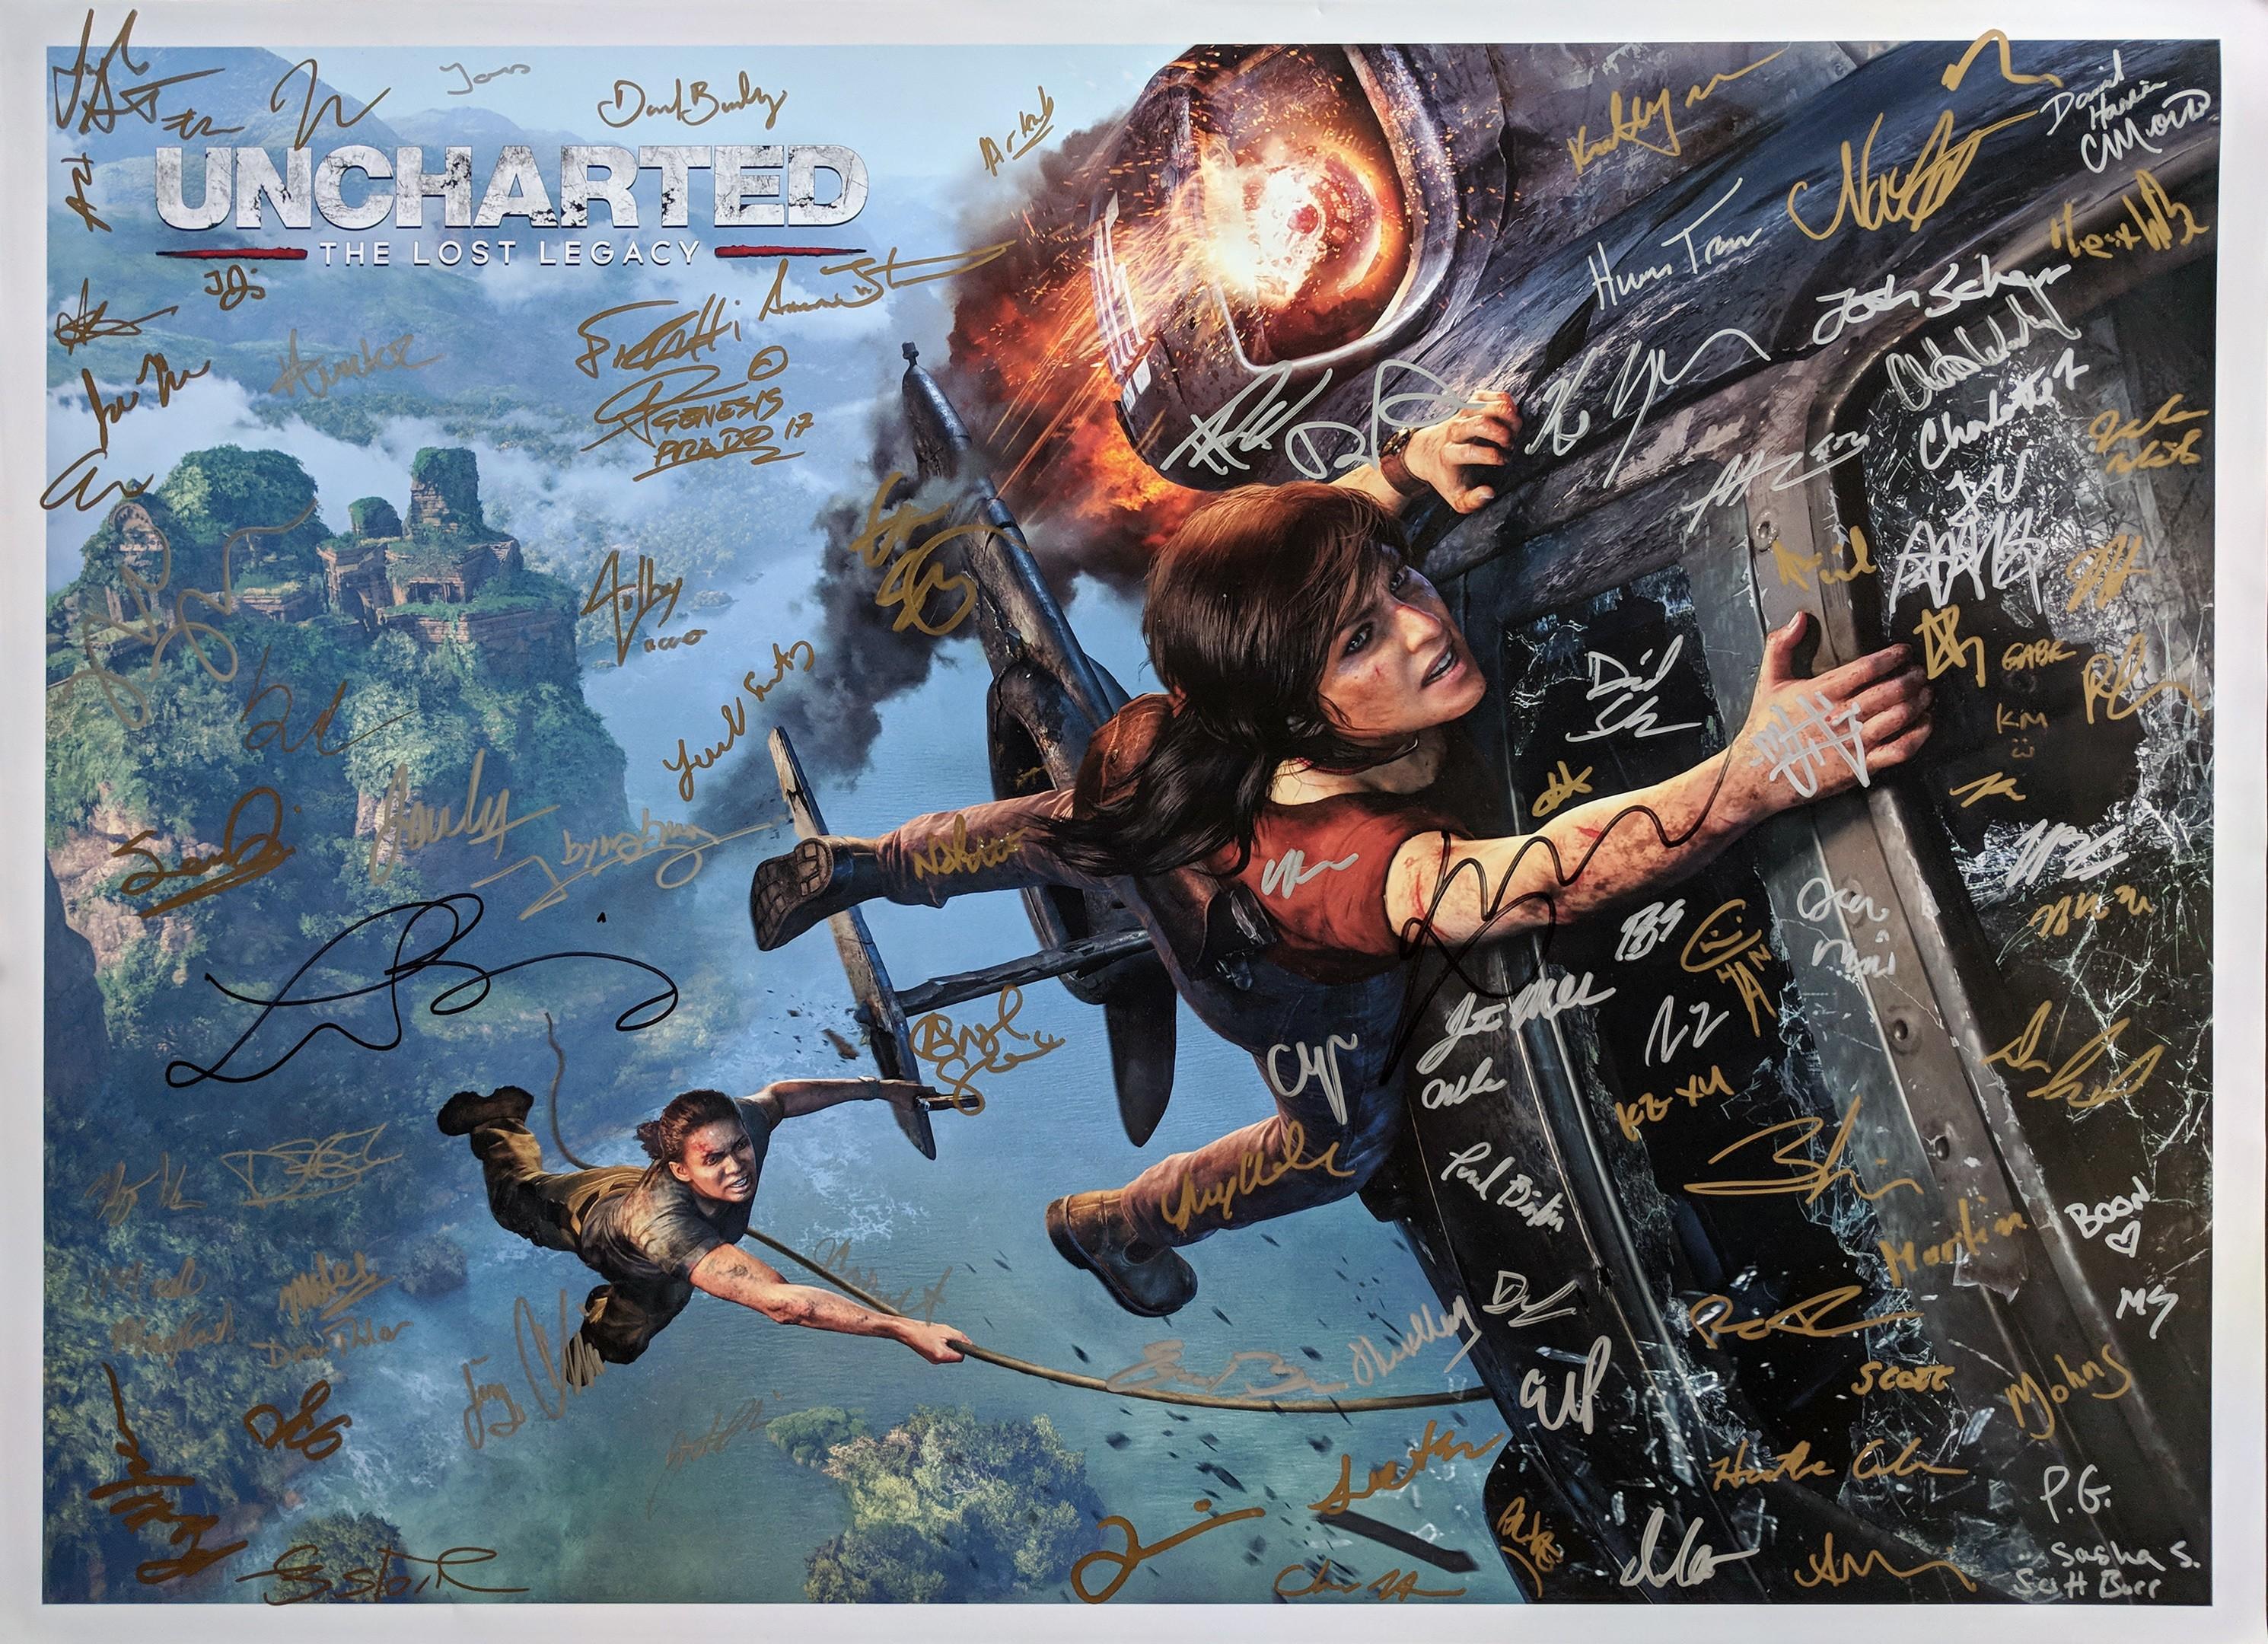 постер Uncharted The Lost Legacy с изображенными на нем главными героинями и автографами сотрудников, принимавших участие в работе над игрой - Uncharted: The Lost Legacy